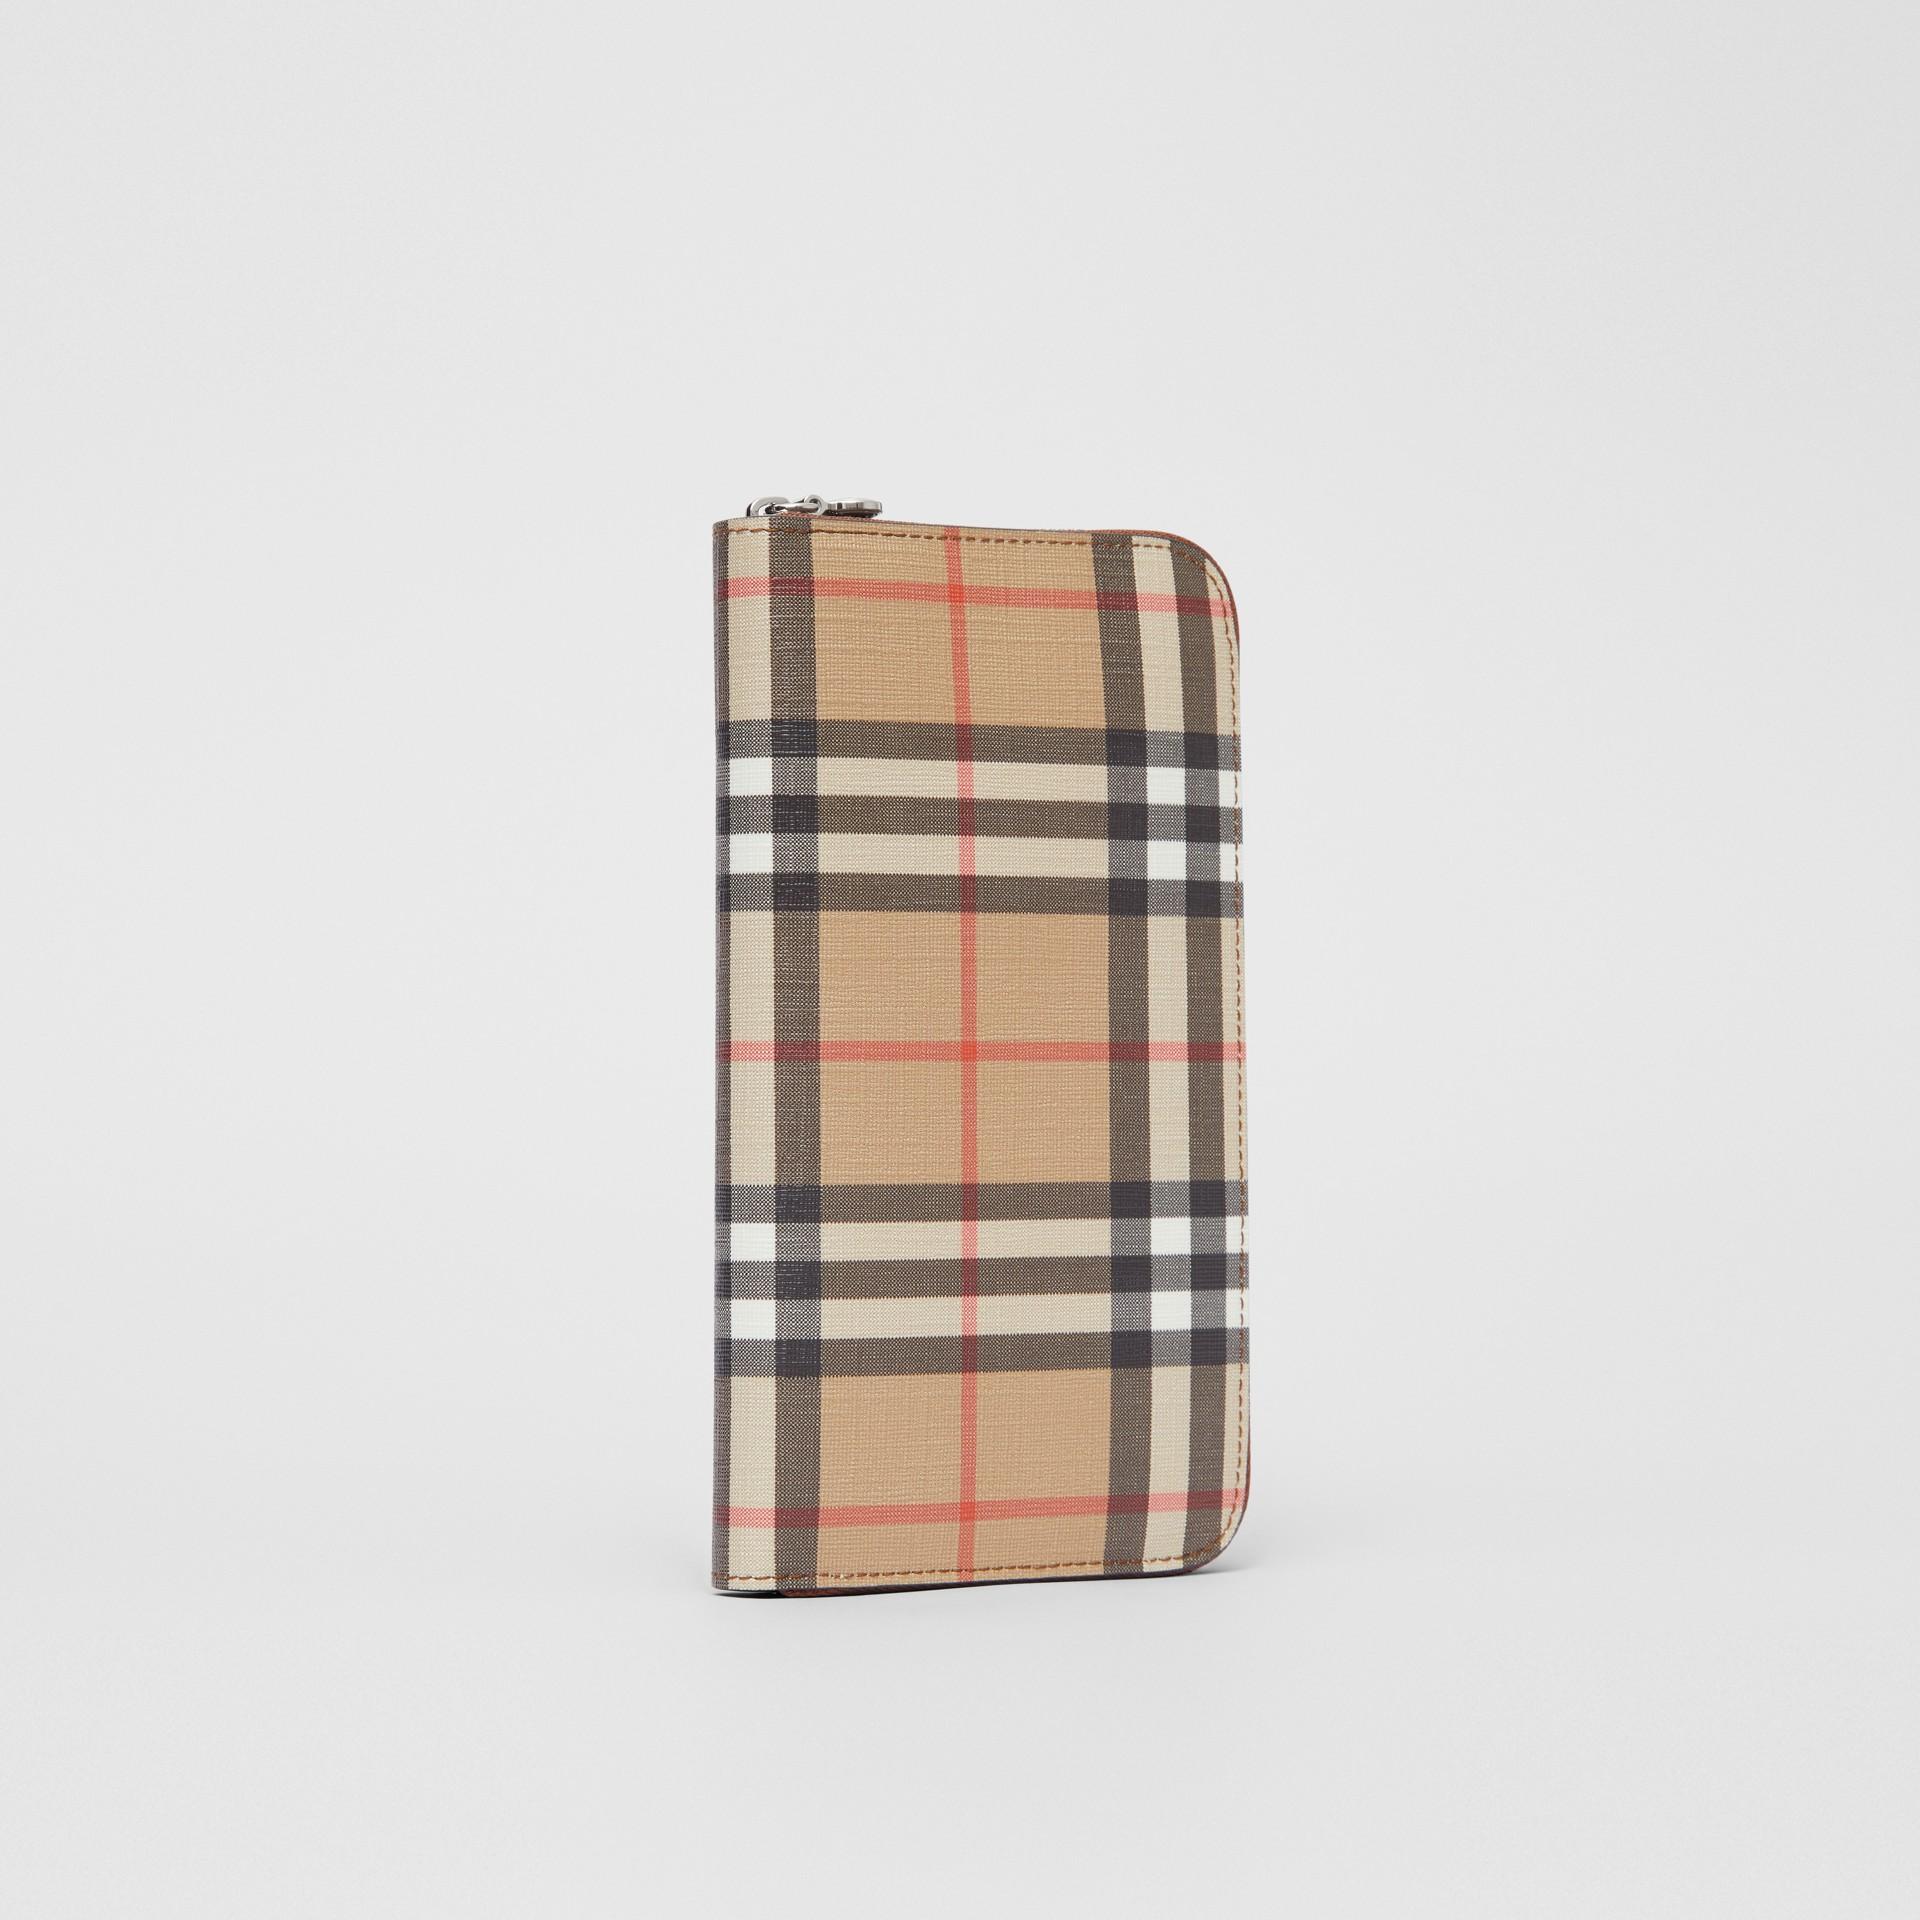 Portafoglio con cerniera in e-canvas con motivo Vintage check (Marrone Malto) - Donna | Burberry - immagine della galleria 3